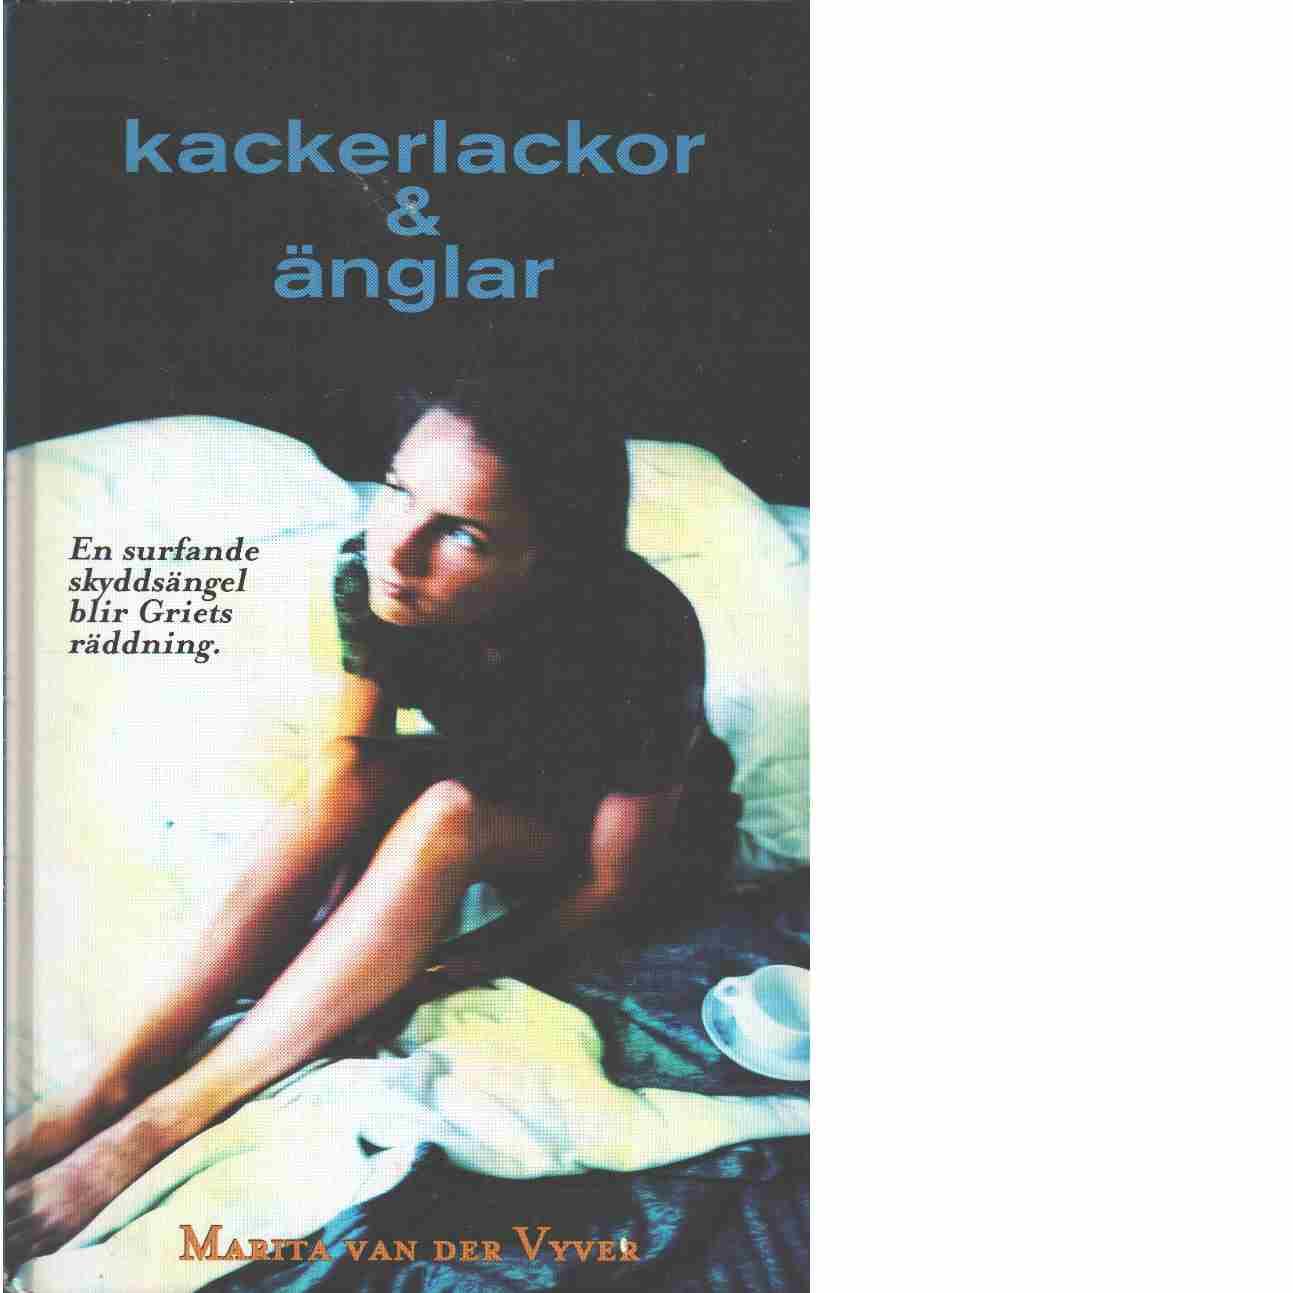 Kackerlackor & änglar - Van der Vyver, Marita